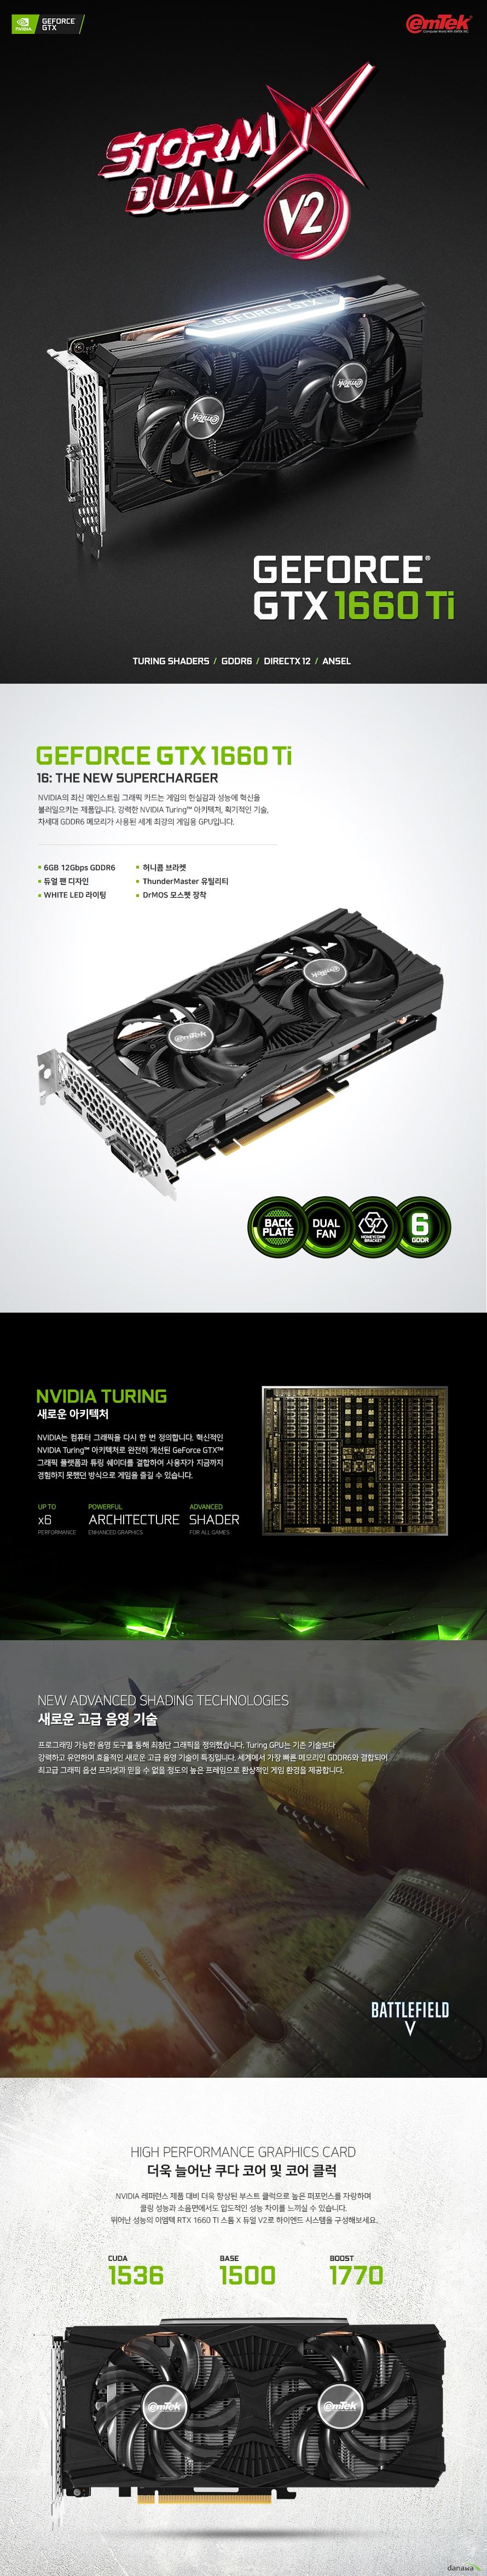 디스플레이 포트 듀얼링크 DVI D 포트 1개 HDMI 2.0B 포트 1개 DP 1.4 포트 1개  최대 해상도  7680X4320 지원 최대 3대 멀티 디스플레이 지원  소비 전력 120와트 권장 전력 450와트 이상 8핀 전원 커넥터 사용  제품 크기  길이 235밀리미터 넓이 112밀리미터 두께 2슬롯  지원 운영체제 윈도우 10 7 및 64비트 및 리눅스 64비트 지원 KC 인증번호 R R EMT PT N166TI  쿨링 시스템  90밀리미터 듀얼 쿨링 팬 알루미늄 히트싱크 6밀리미터 구리 히트 파이프 4개